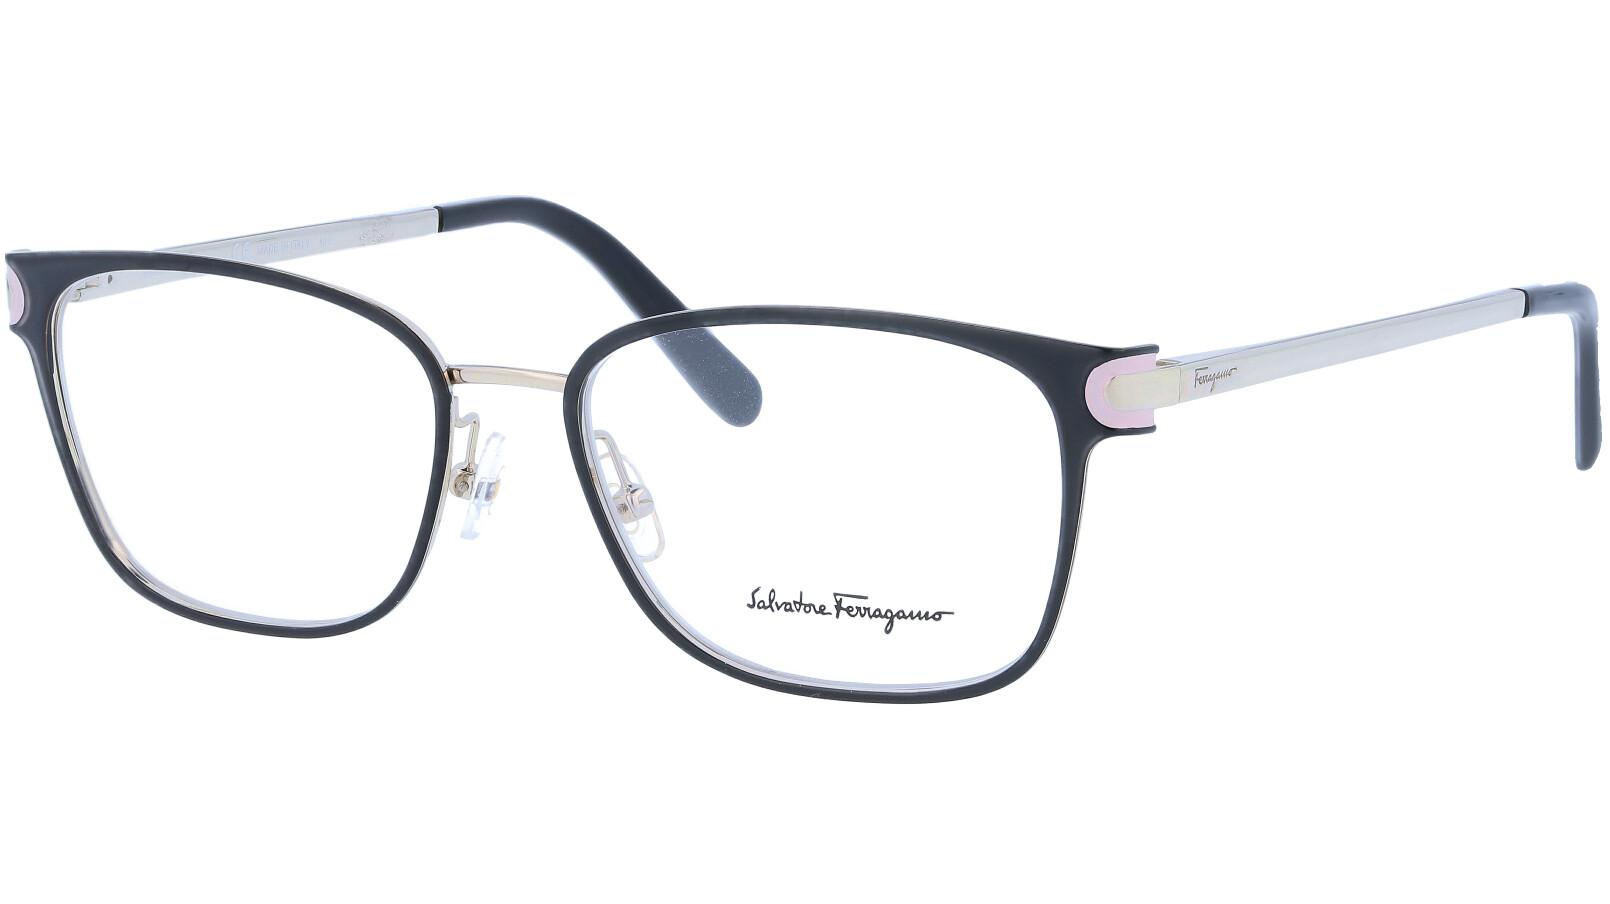 SALVATORE FERRAGAMO SF2159 017 53 BLACK Glasses